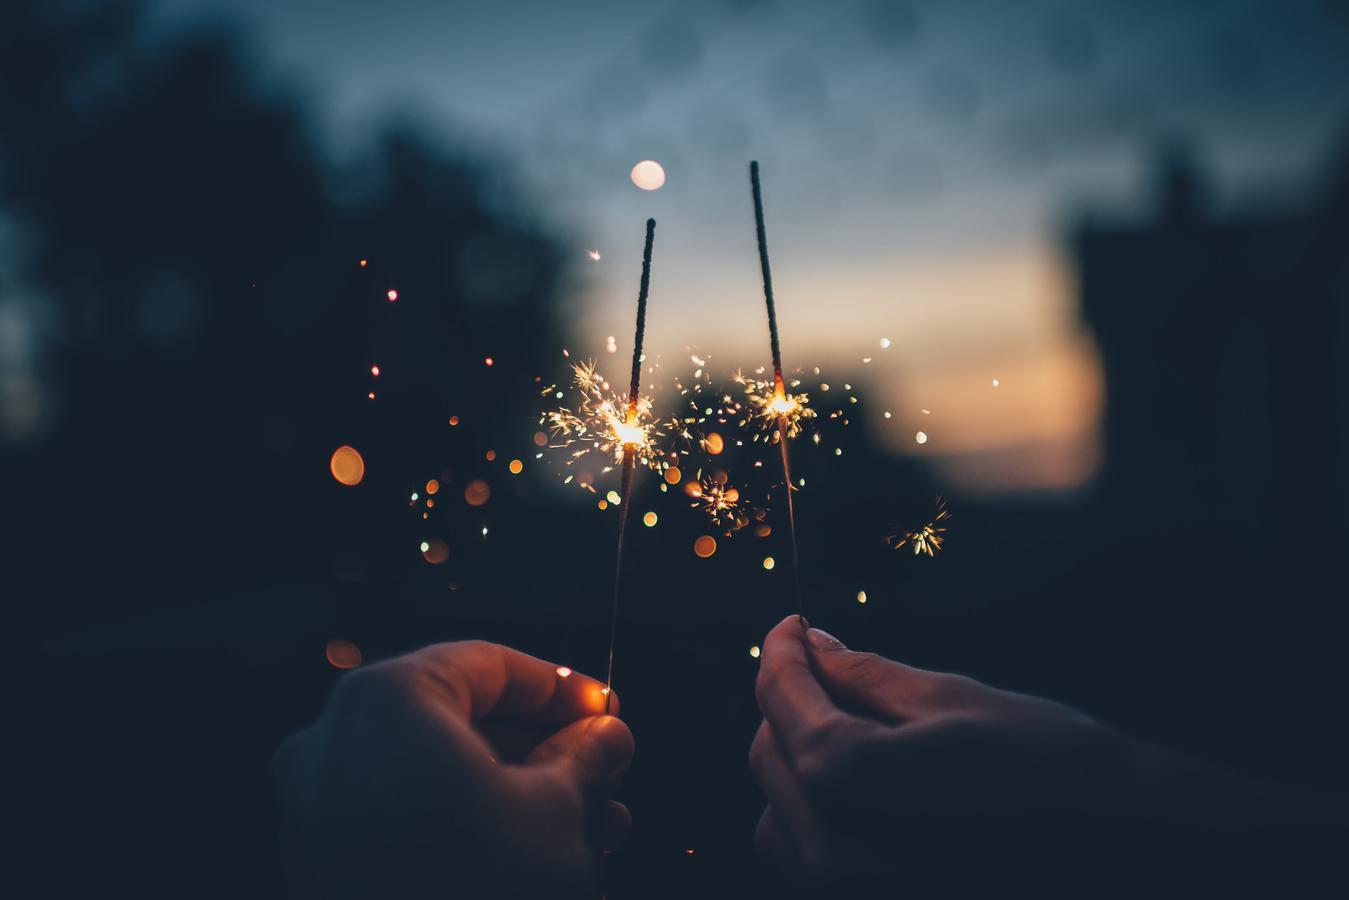 hai tay cầm pháo hoa